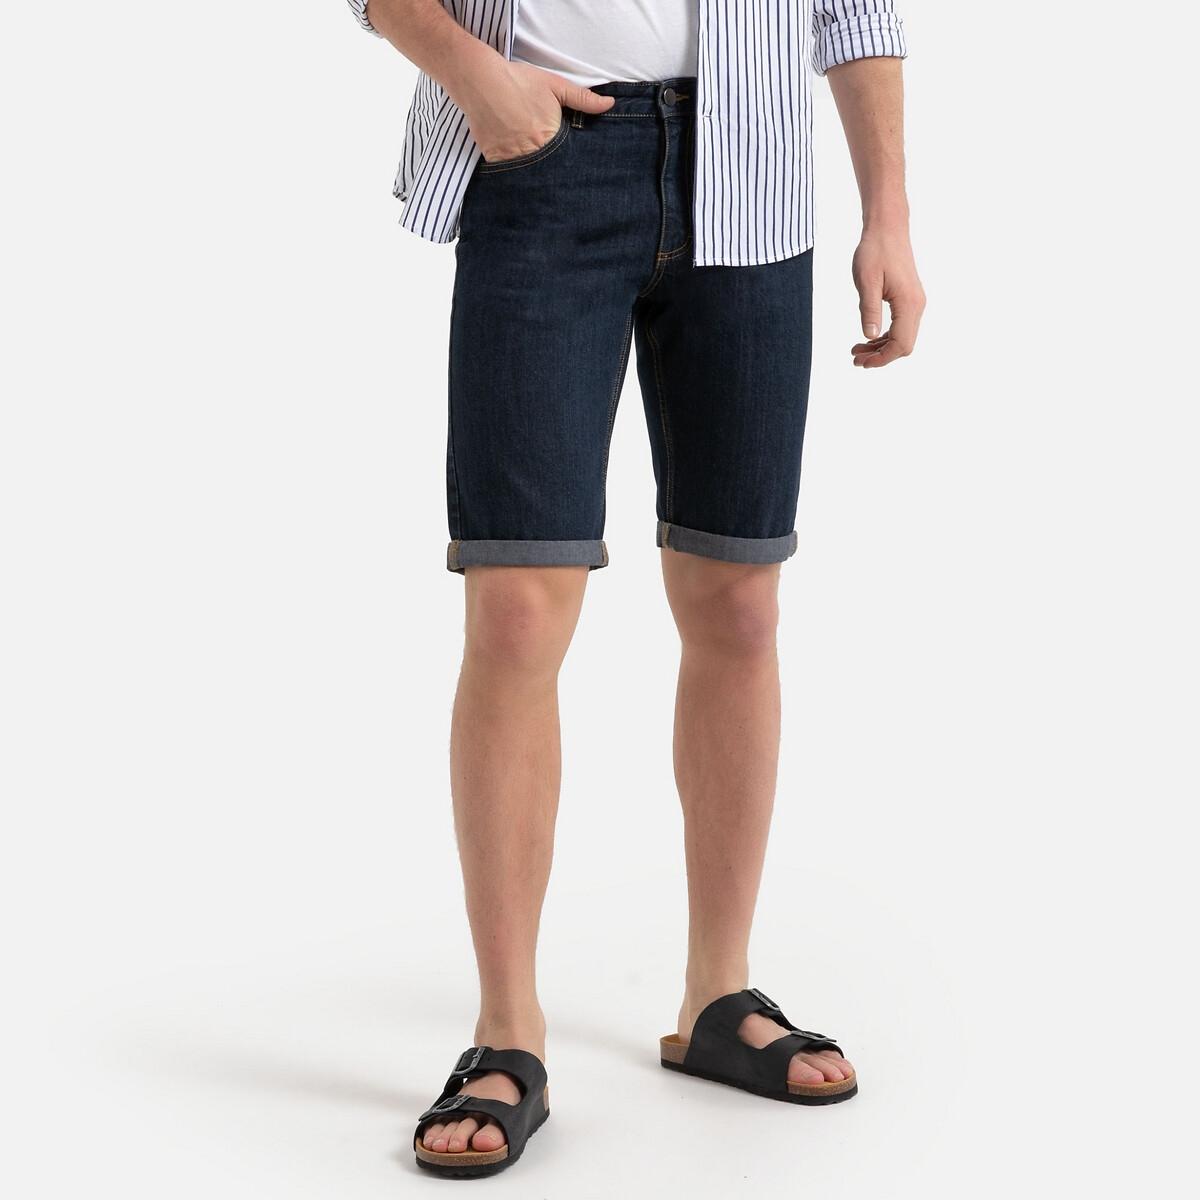 Бермуды La Redoute Из джинсовой ткани 44 (FR) - 50 (RUS) синий бермуды la redoute из джинсовой ткани jjirrick jjicon s синий